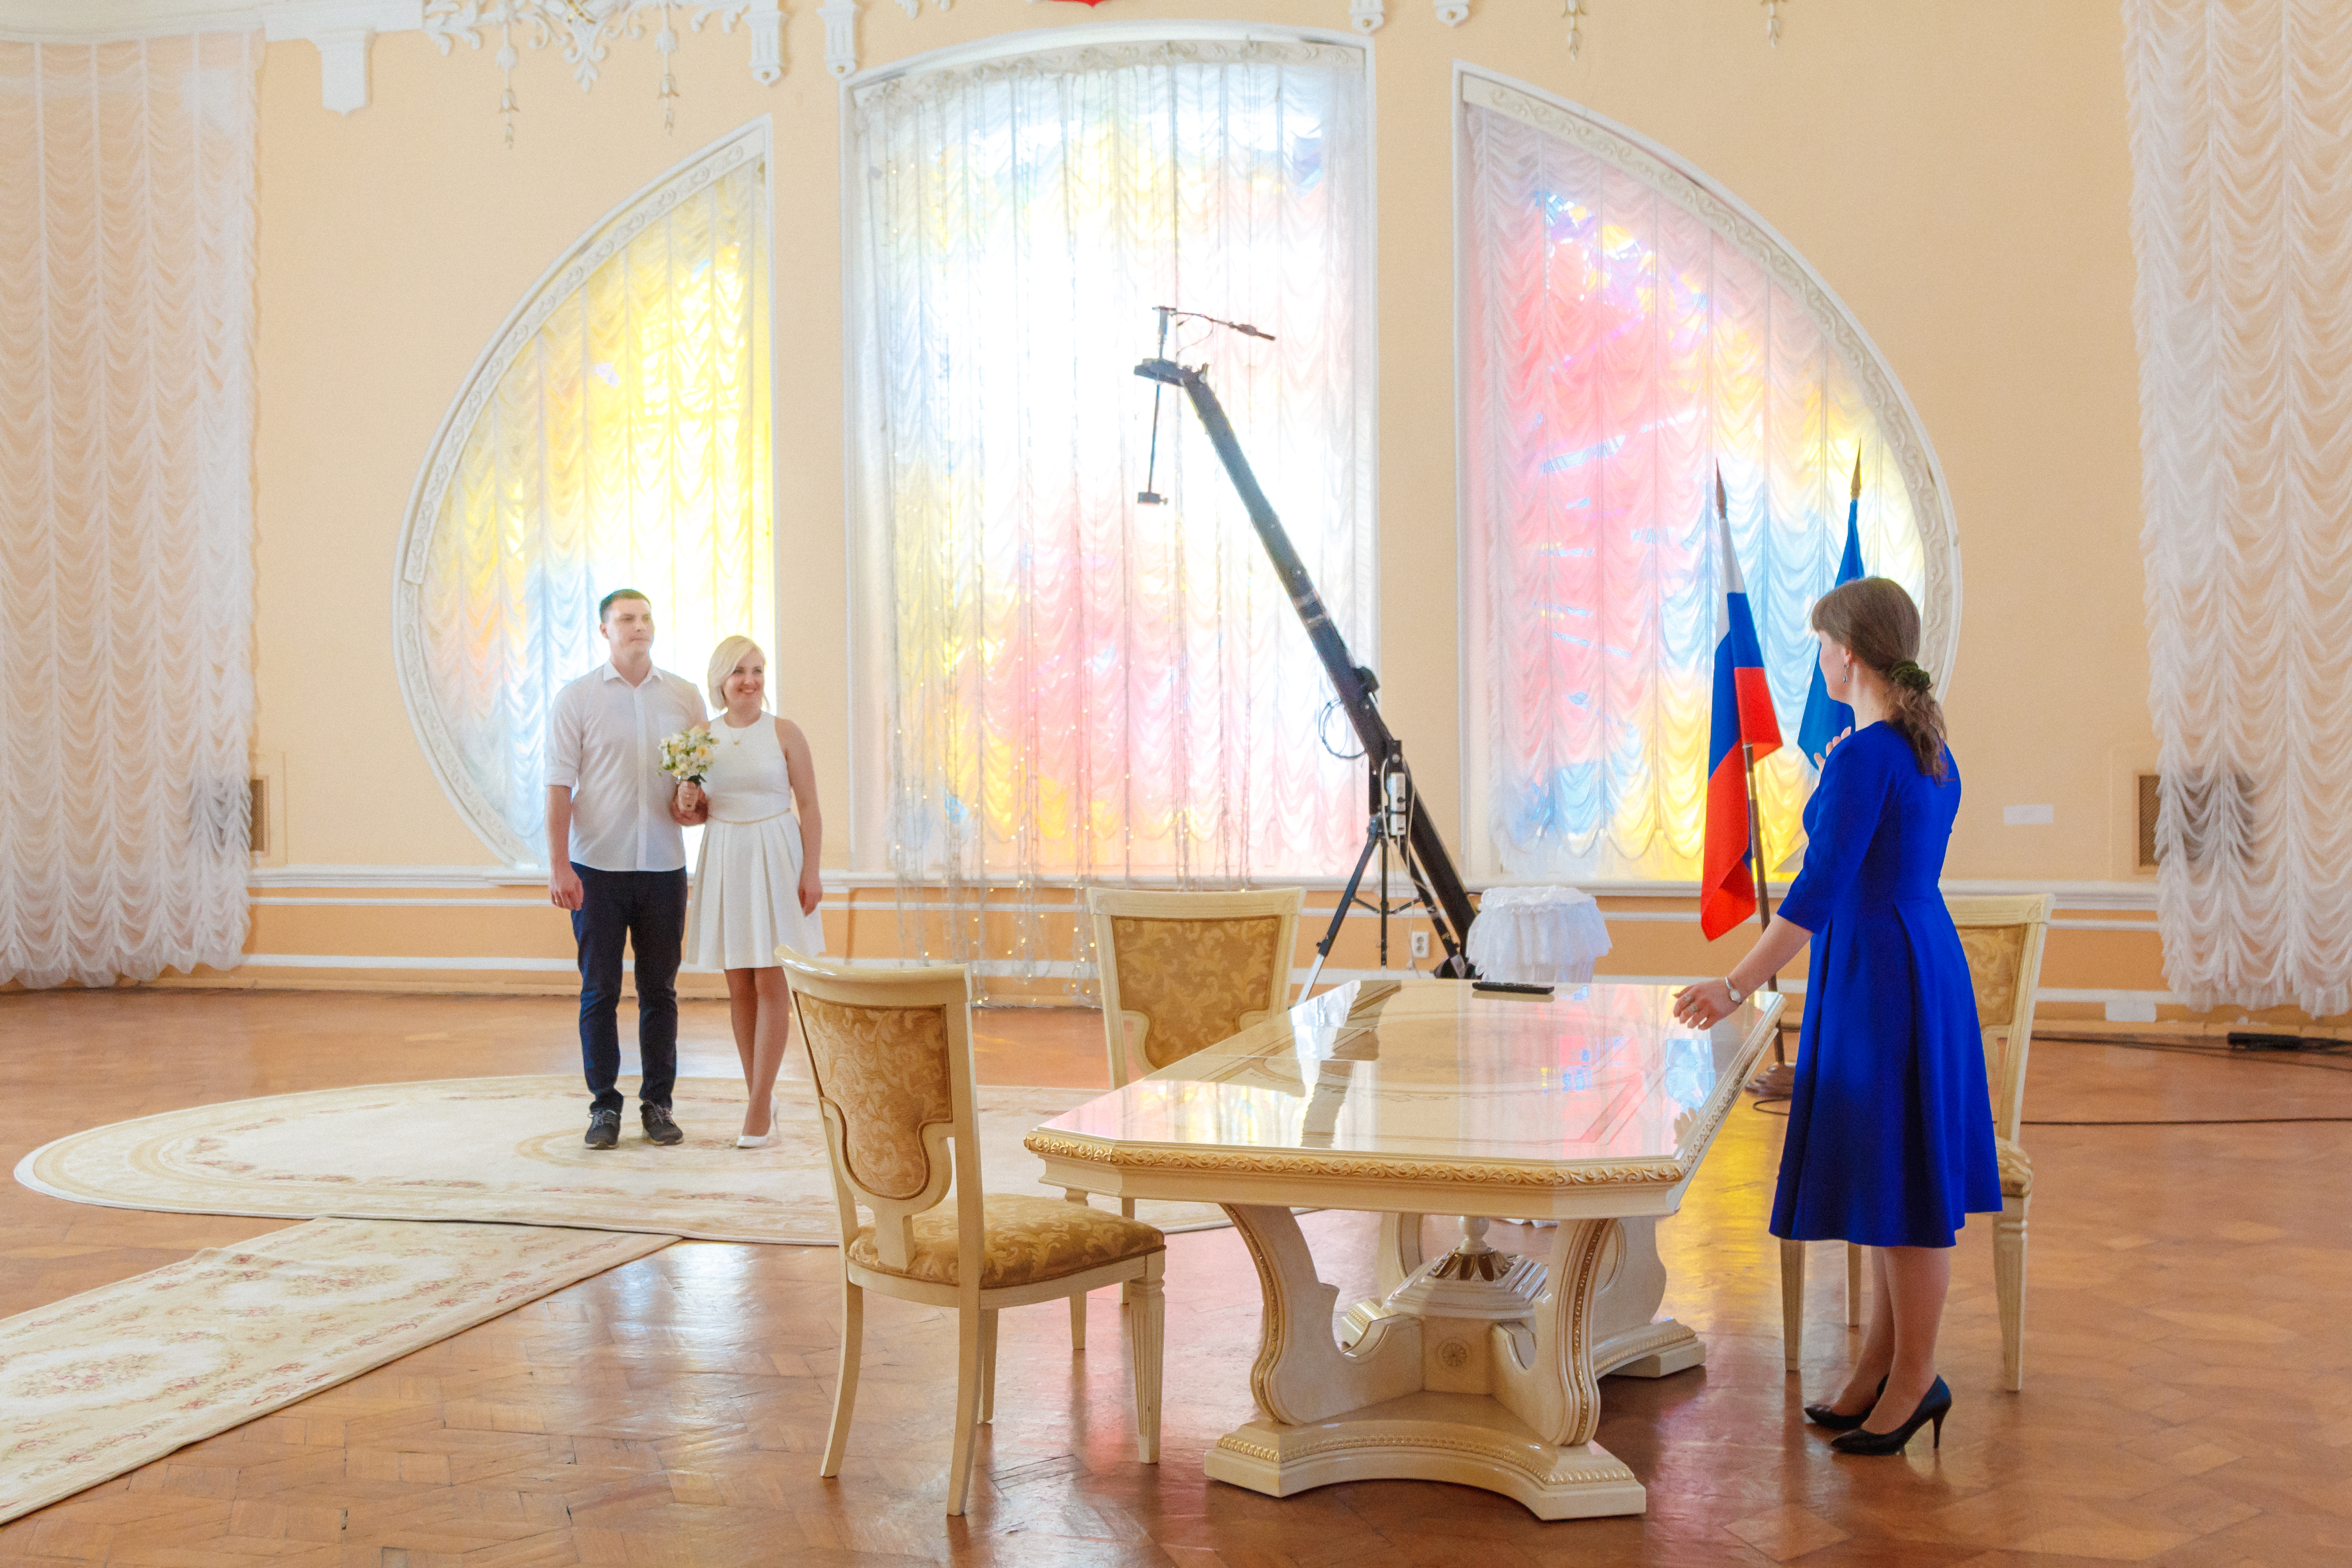 Центральный зал Дворца бракосочетаний ждут изменения